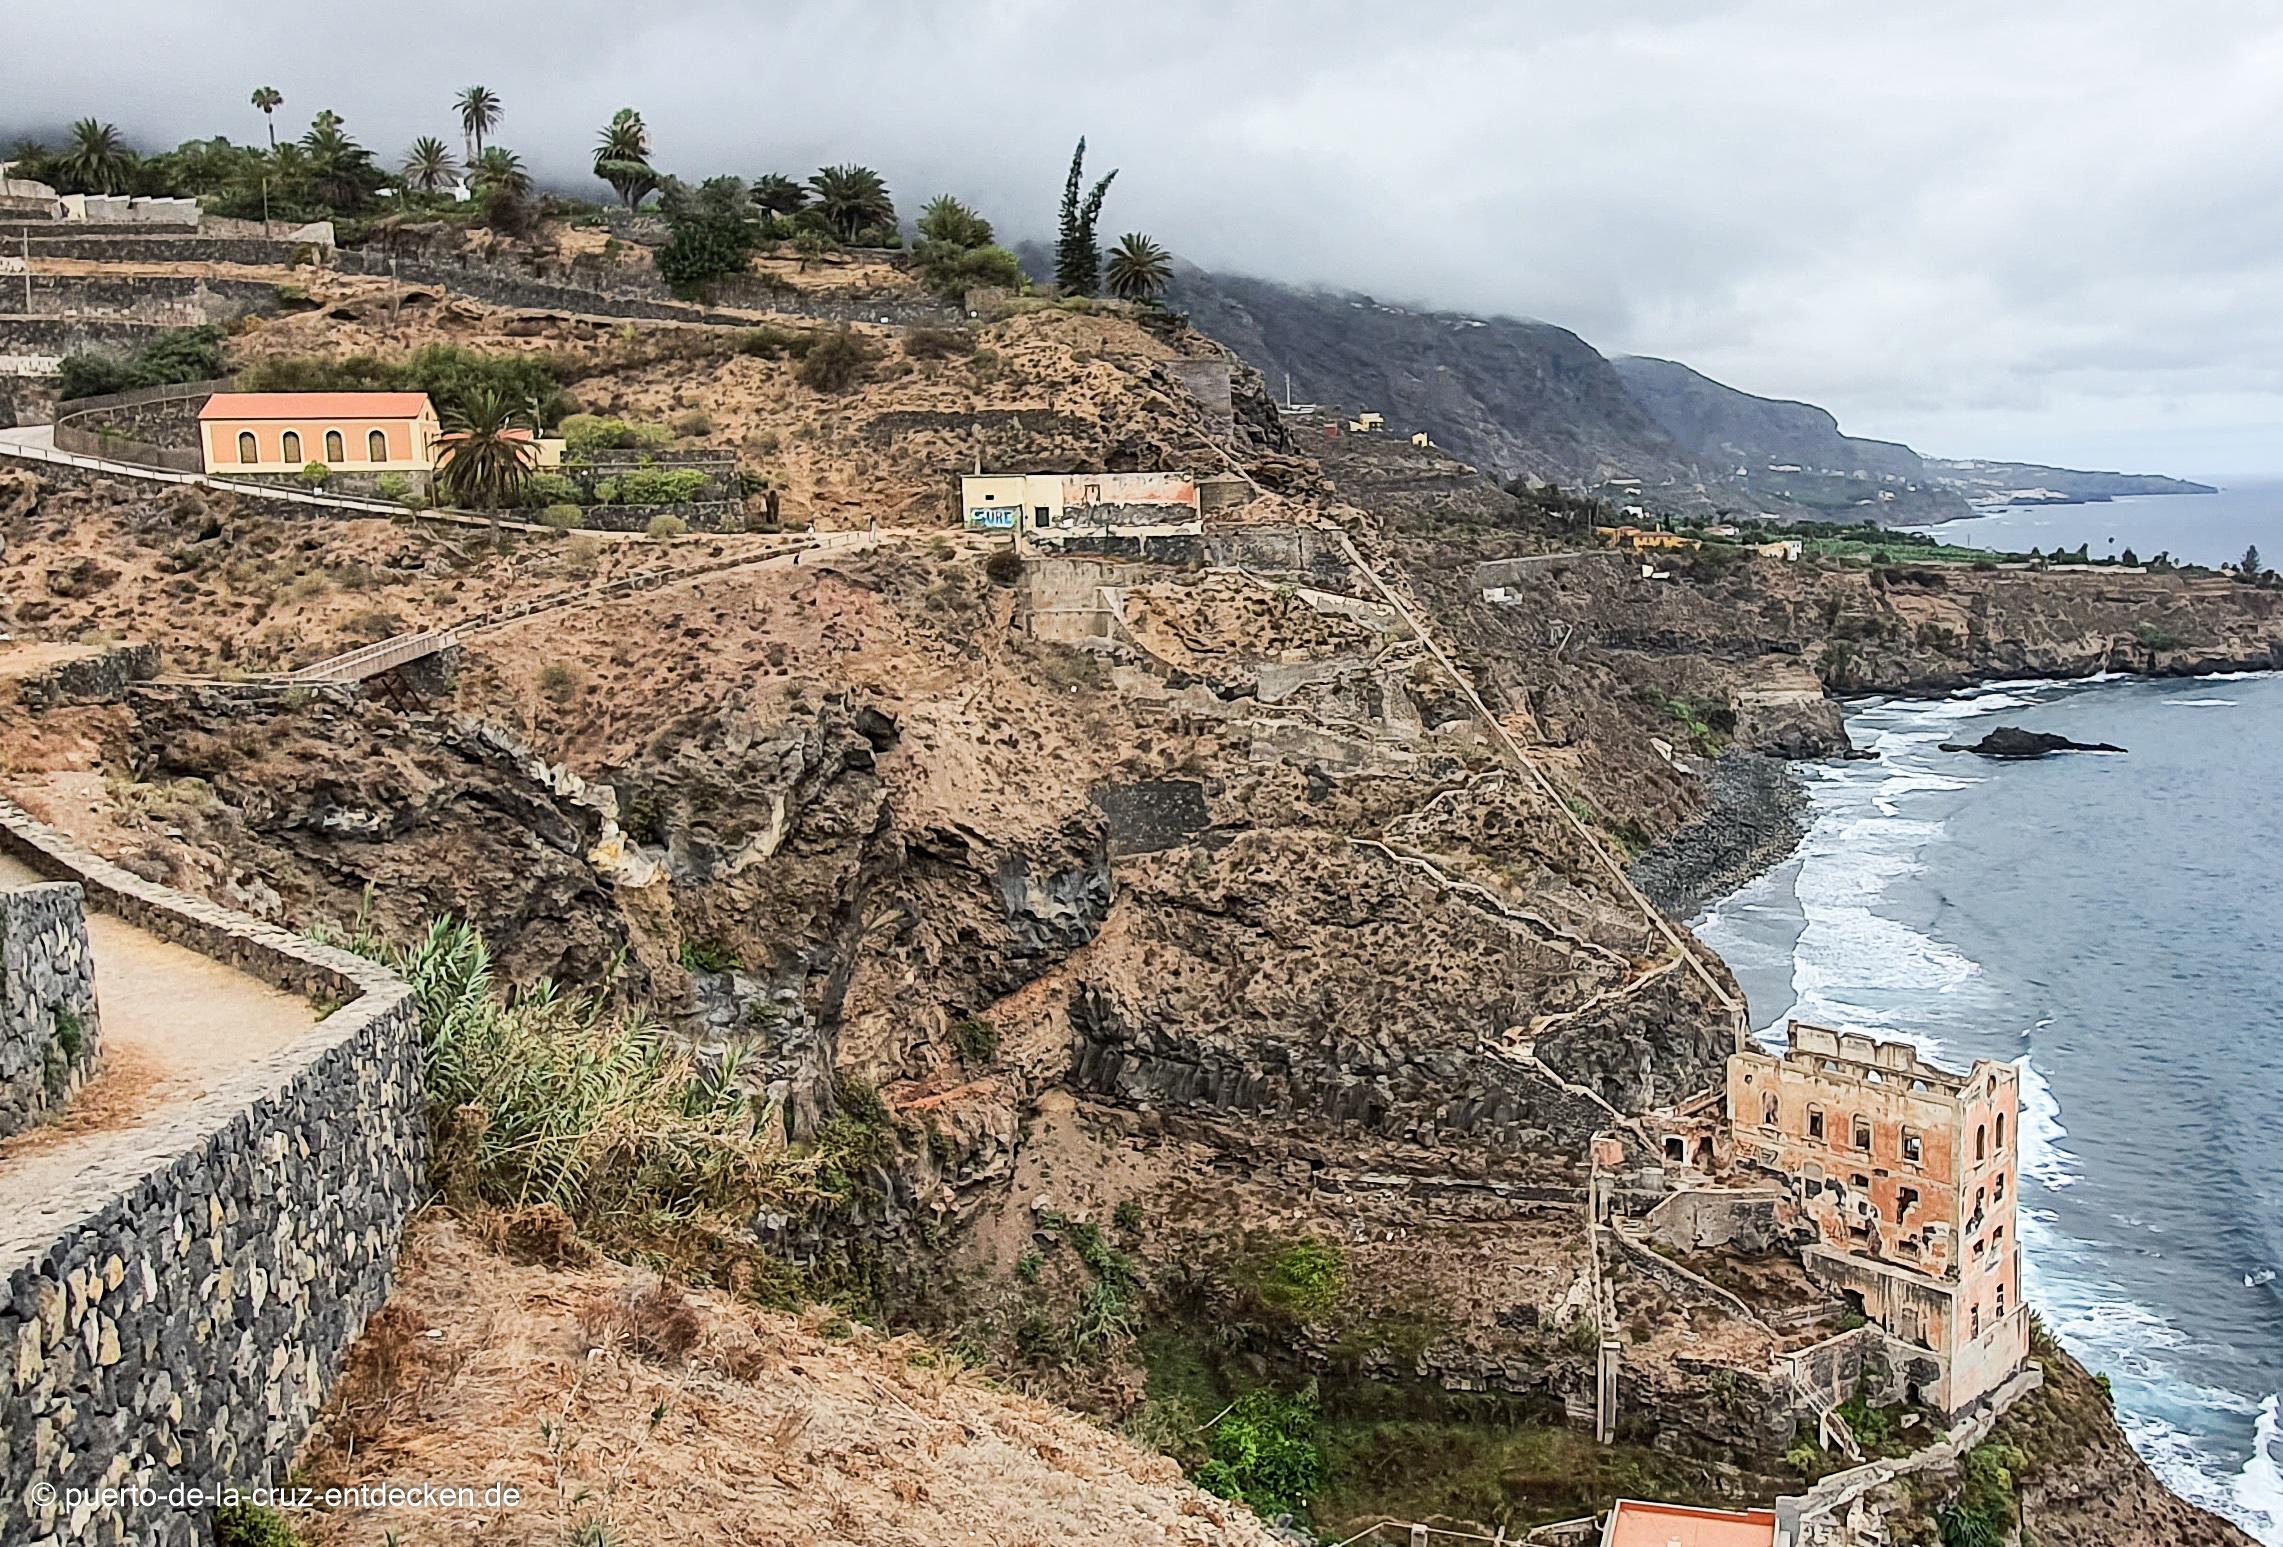 Hier sind die wesentlichen Bestandteile der Anlage zu erkennen: Unten an der Küste das Pumpenhaus, in der Mitte die Überreste des Maschinenhauses und links ein weiteres Gebäude.